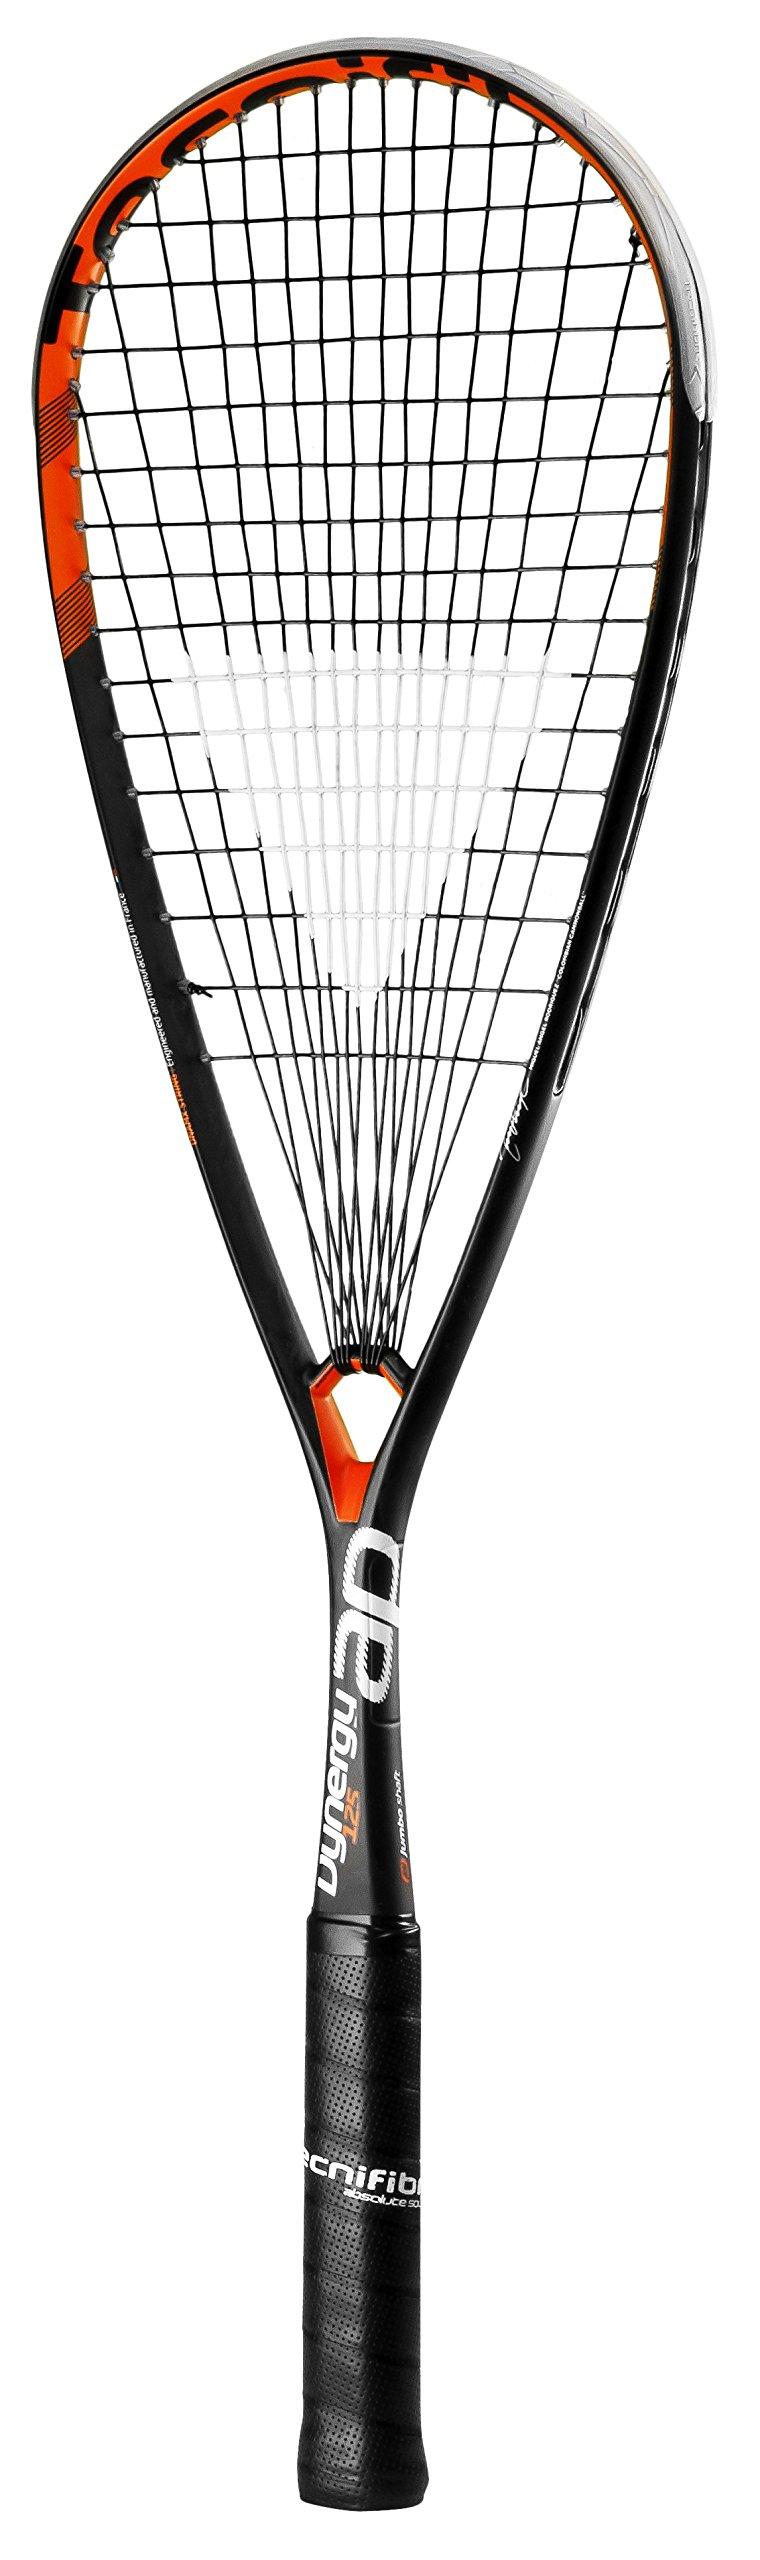 Tecnifibre Dynergy AP 125 Squash Racket by Tecnifibre